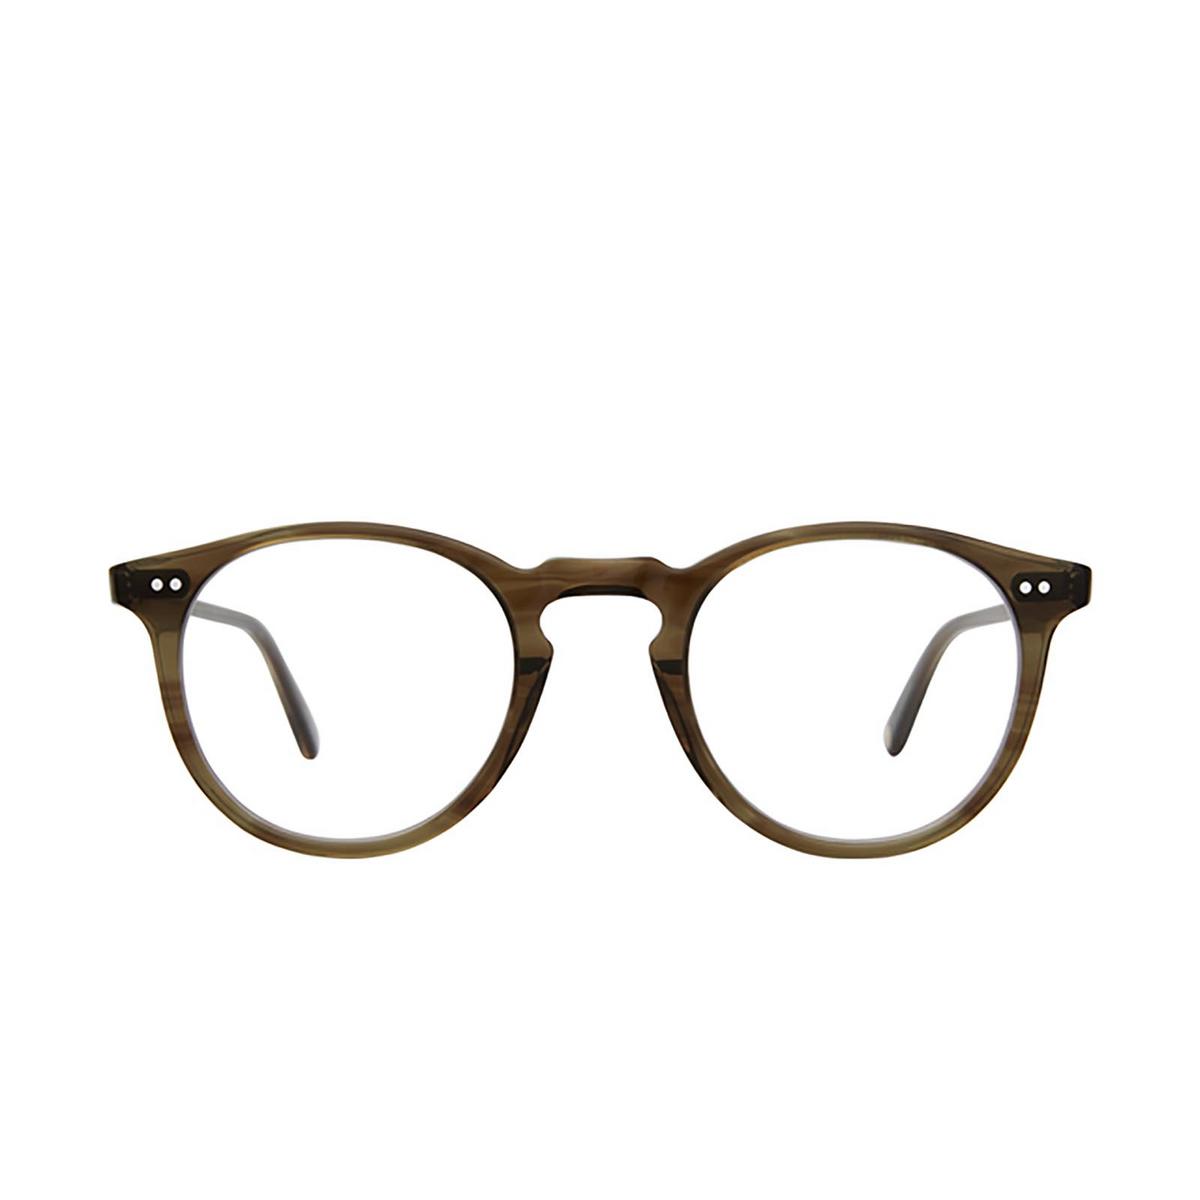 Garrett Leight® Round Eyeglasses: Glencoe color Olive Tortoise Ot - front view.